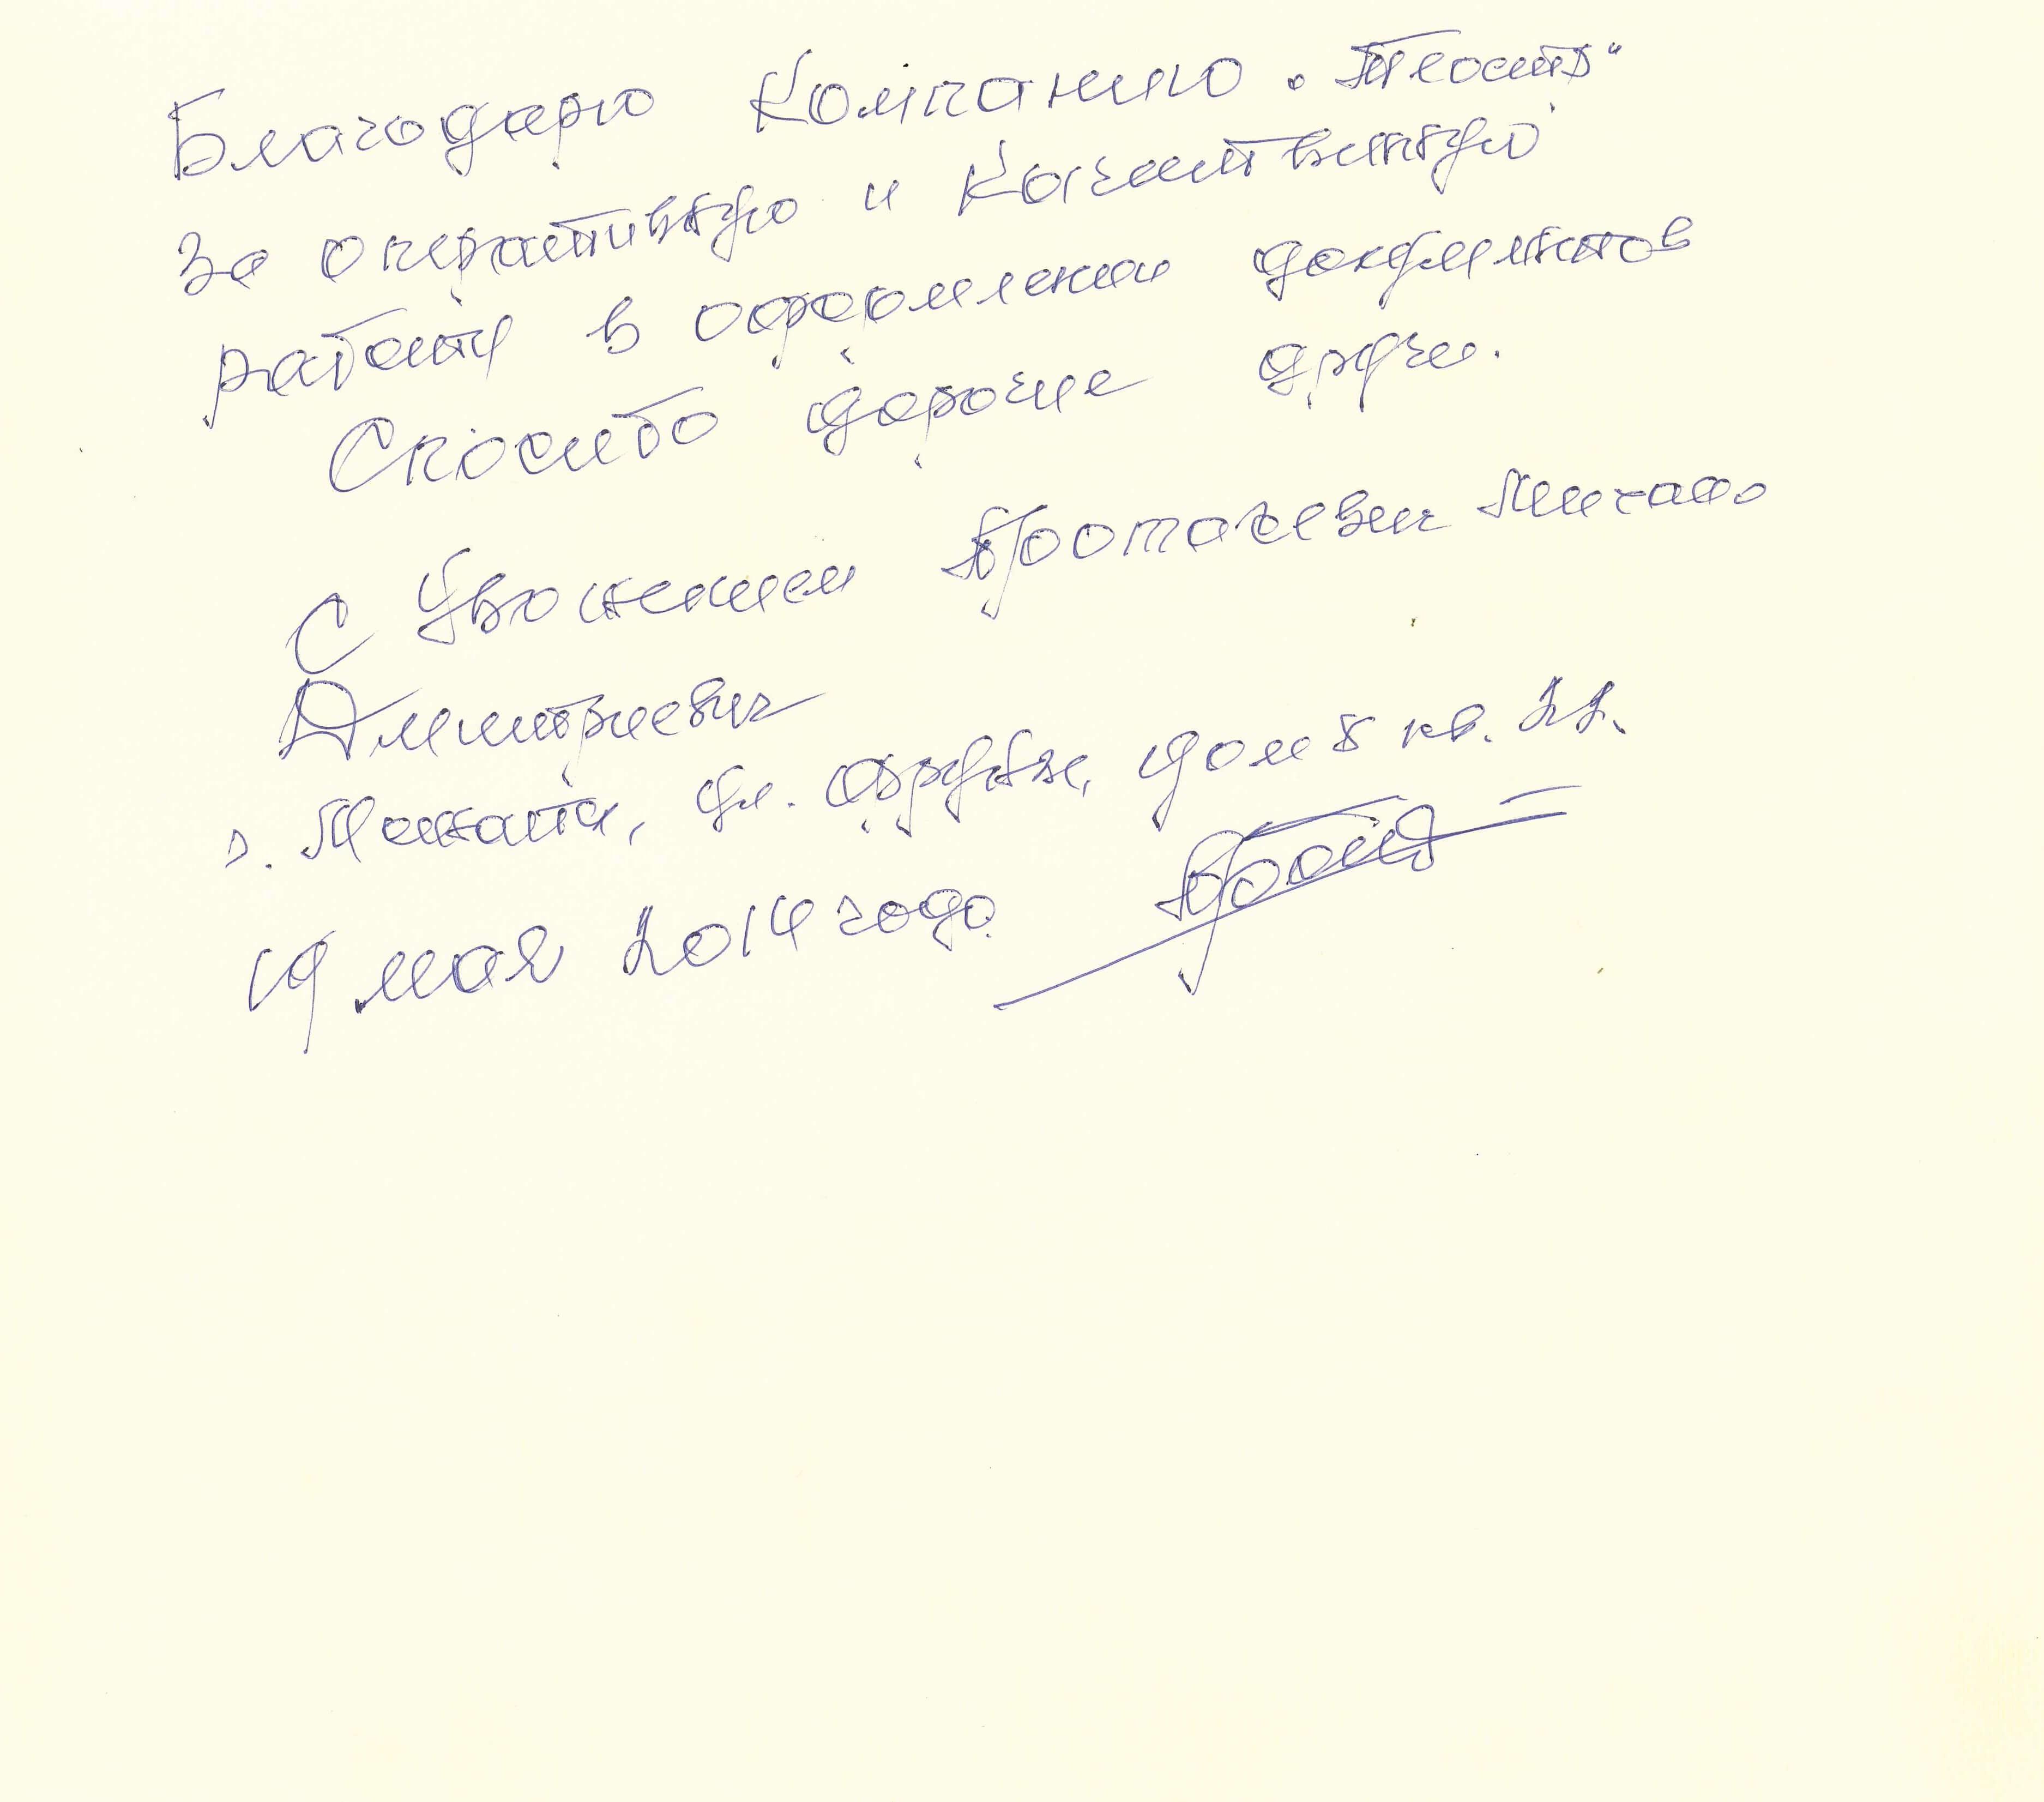 от Протосевич М.Д.